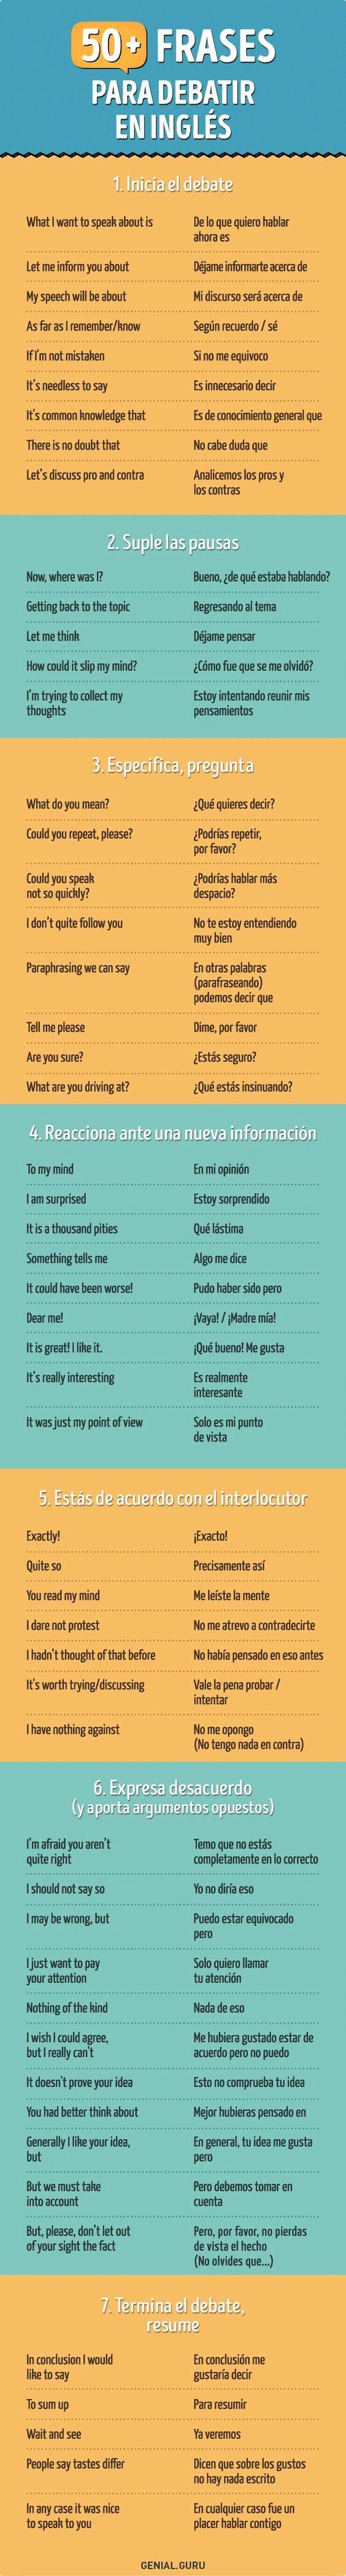 50 frases para debatir en inglés. Las usaremos en nuestros cursos intensivos de inglés en verano en Denia.